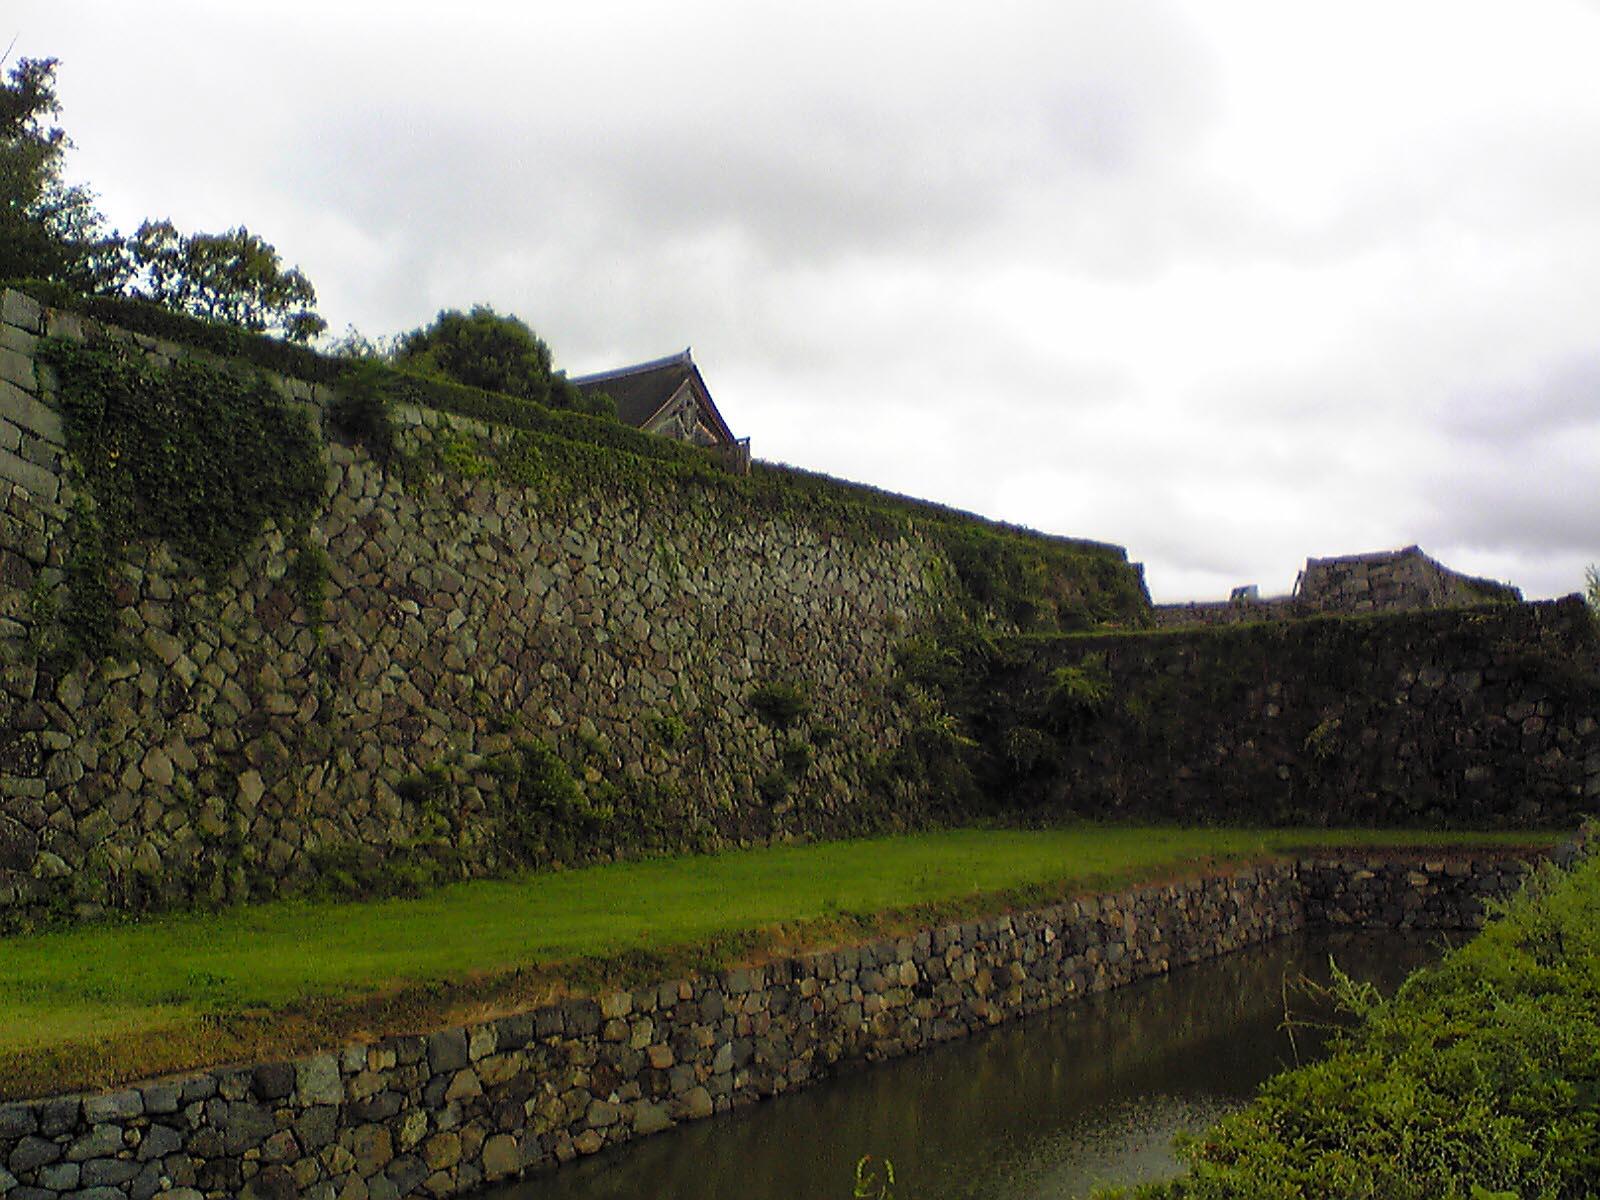 篠山城〜石垣